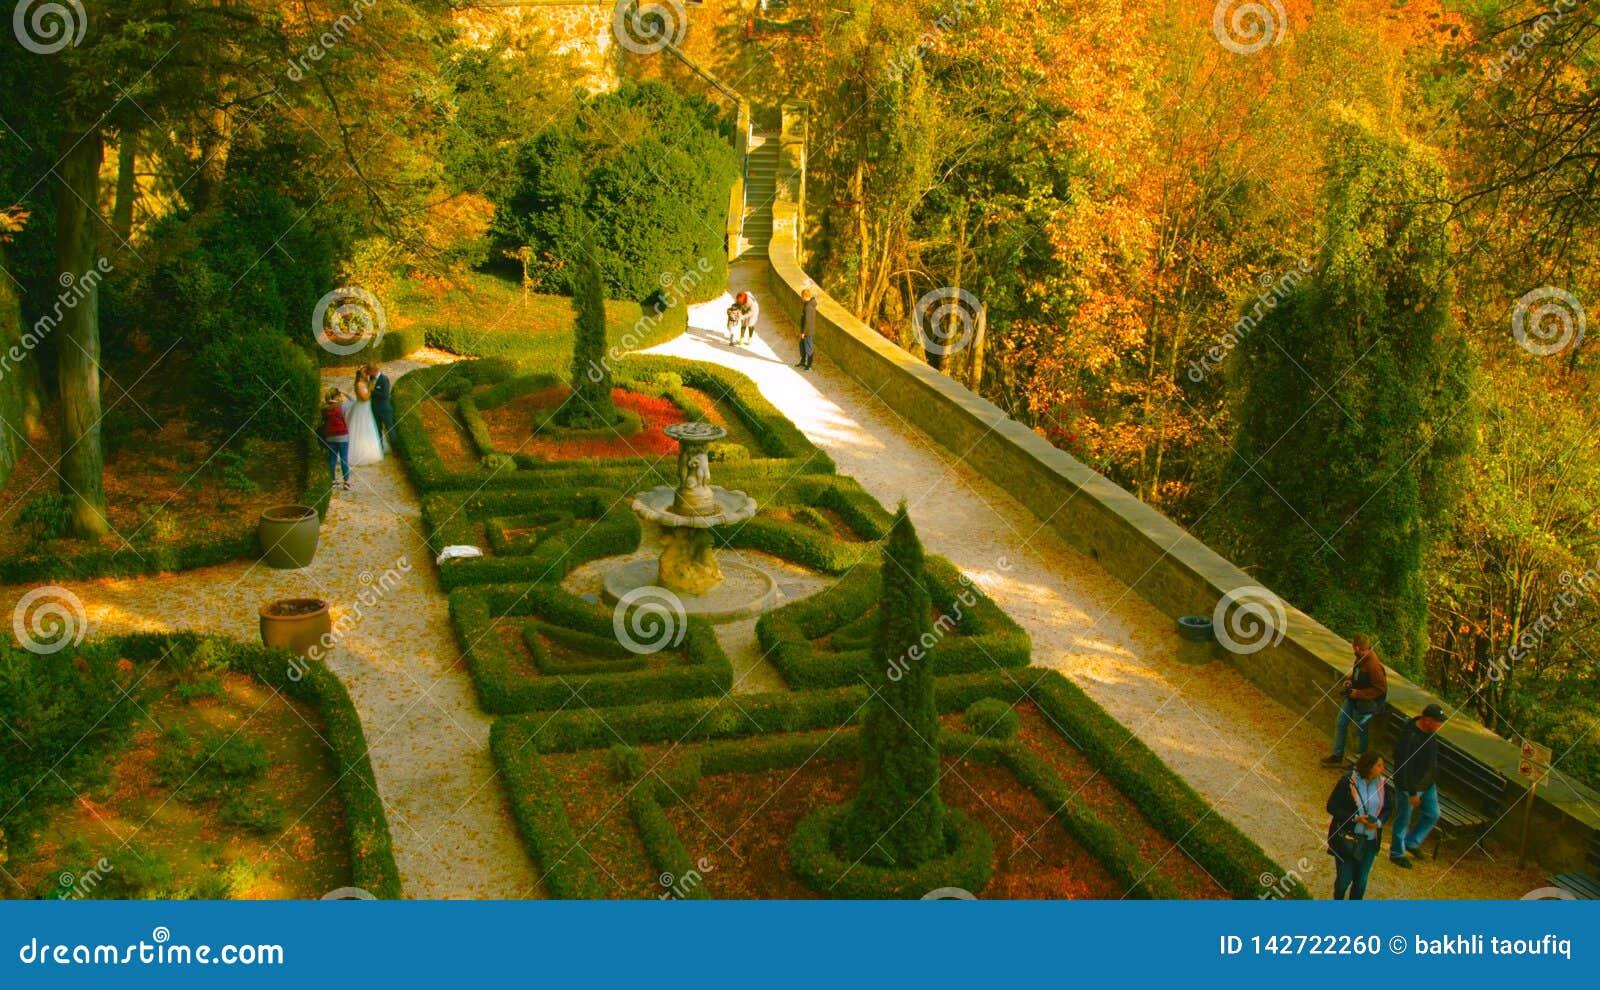 Όμορφη ρομαντική αλέα σε ένα πάρκο με τα ζωηρόχρωμα δέντρα και το φως του ήλιου υπόβαθρο φύσης φθινοπώρου - Bilder